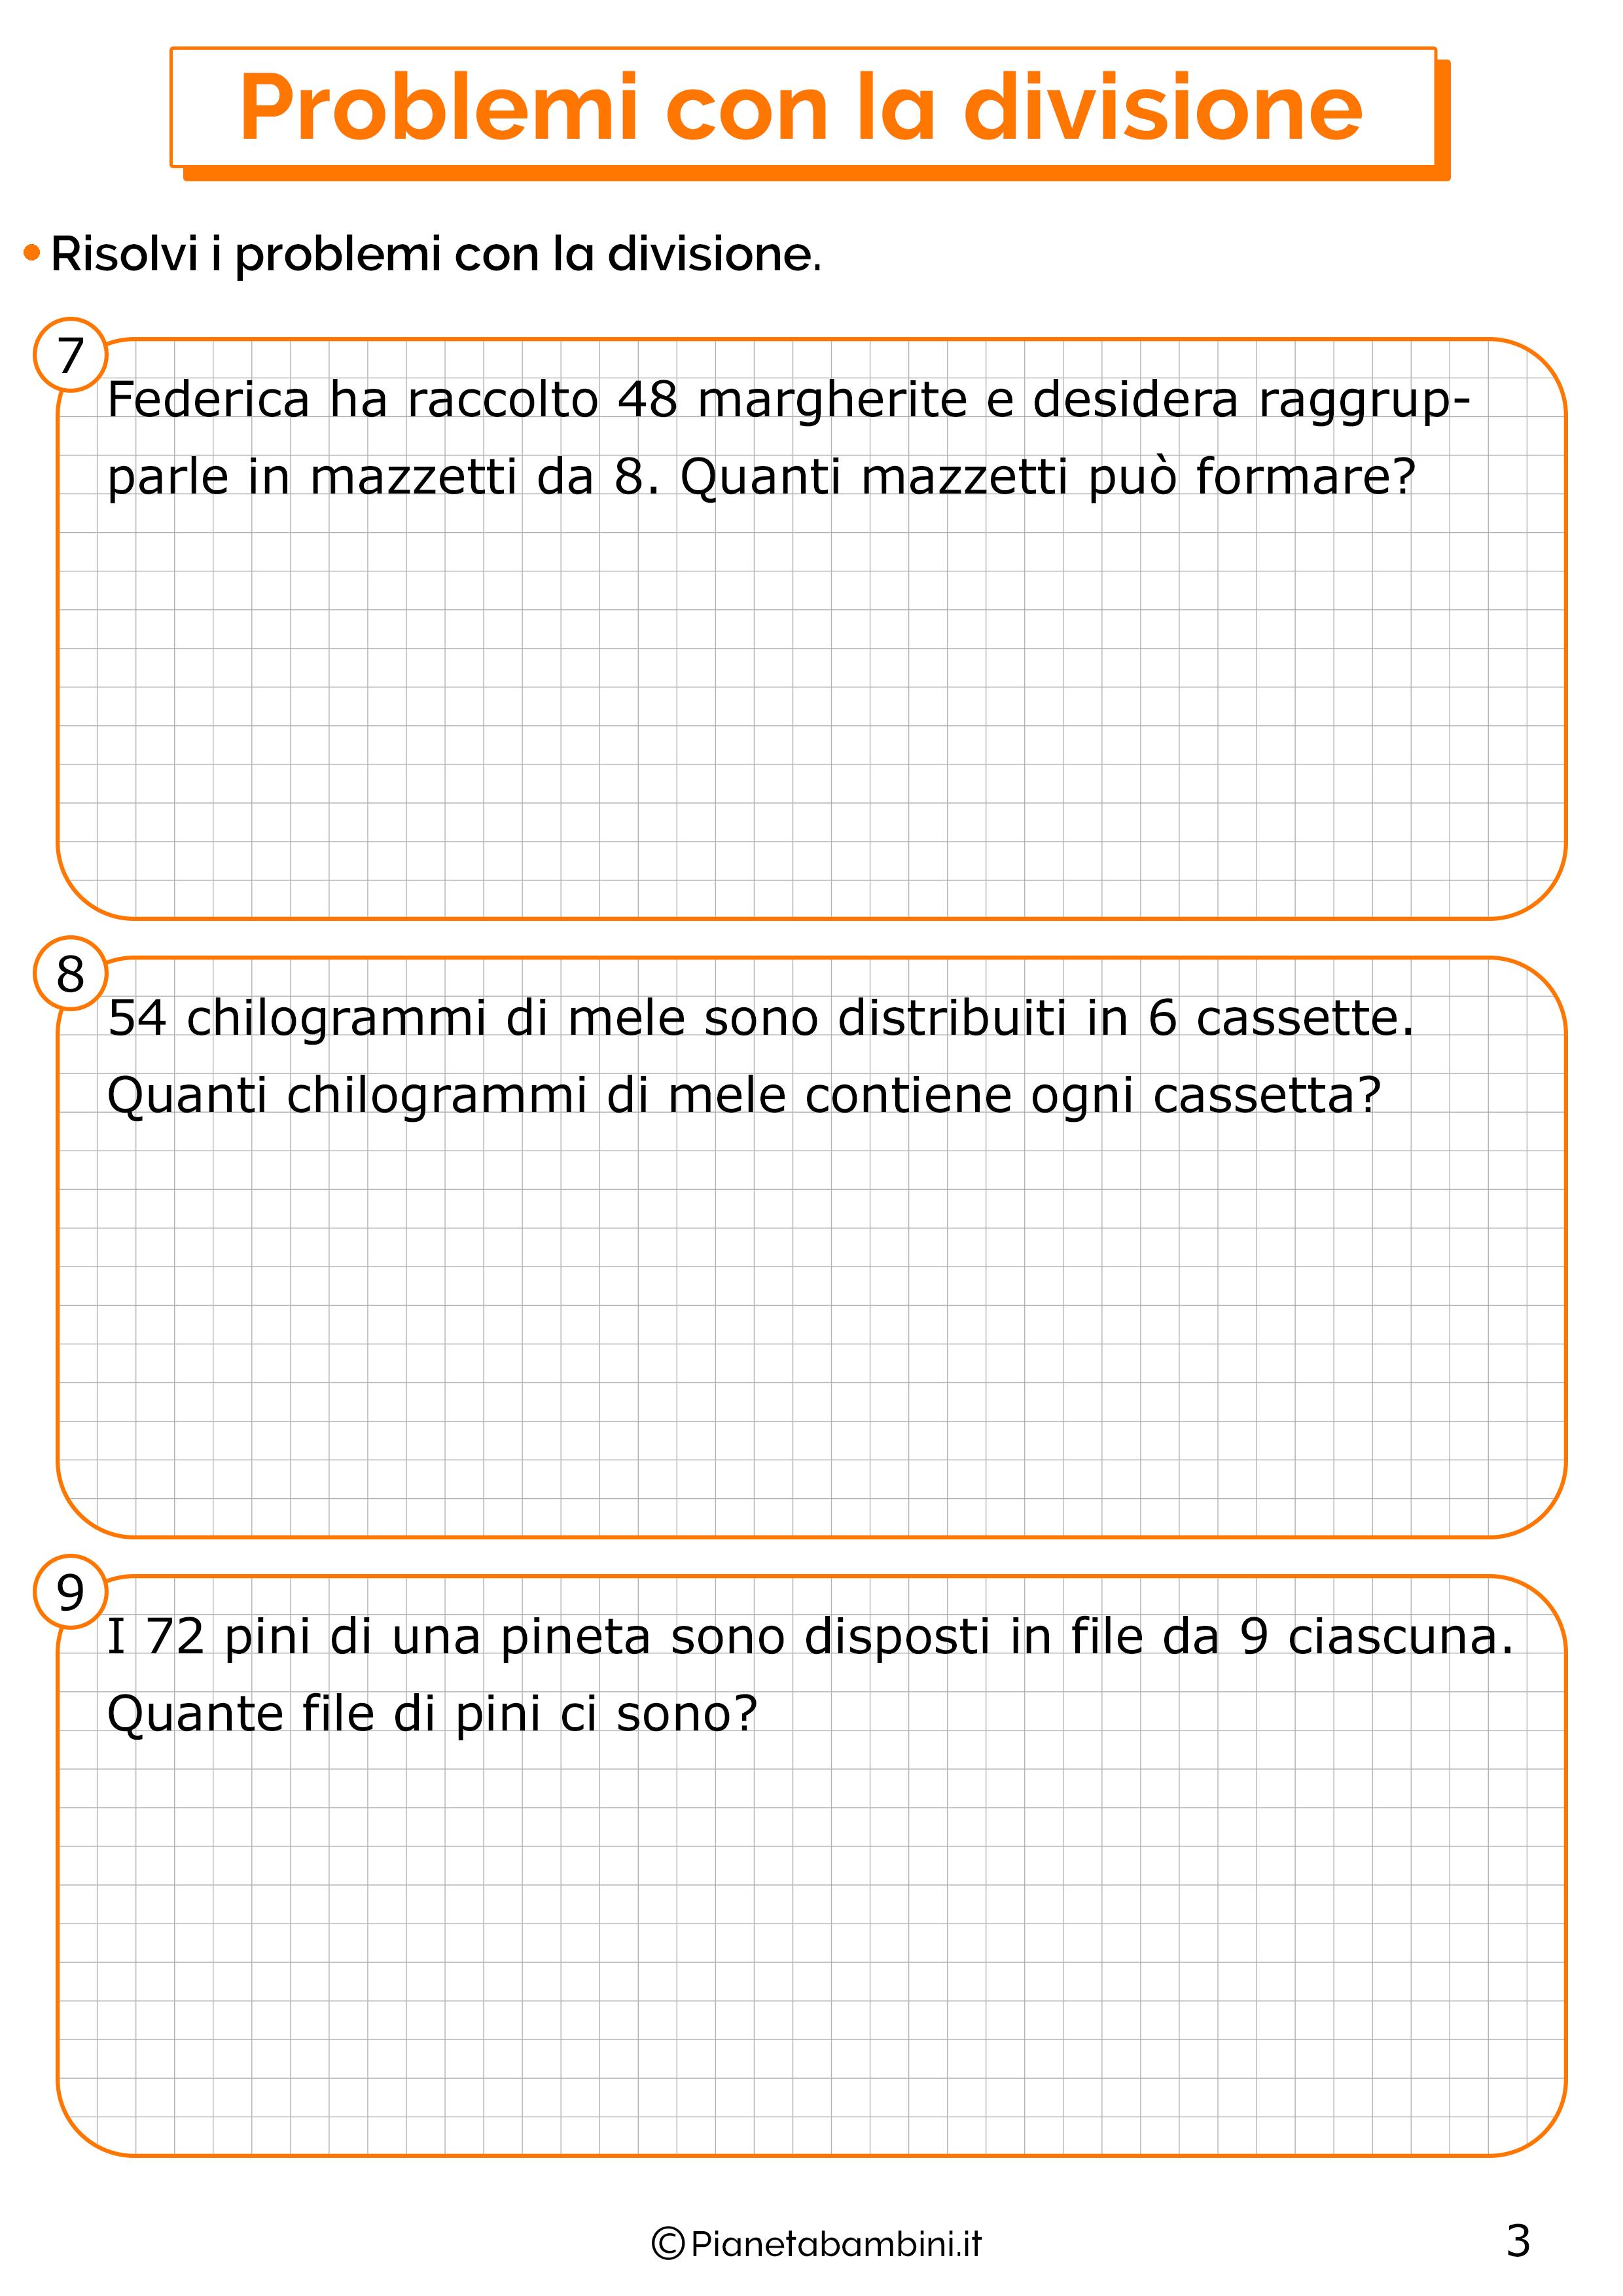 Problemi con la divisione per la classe seconda 3